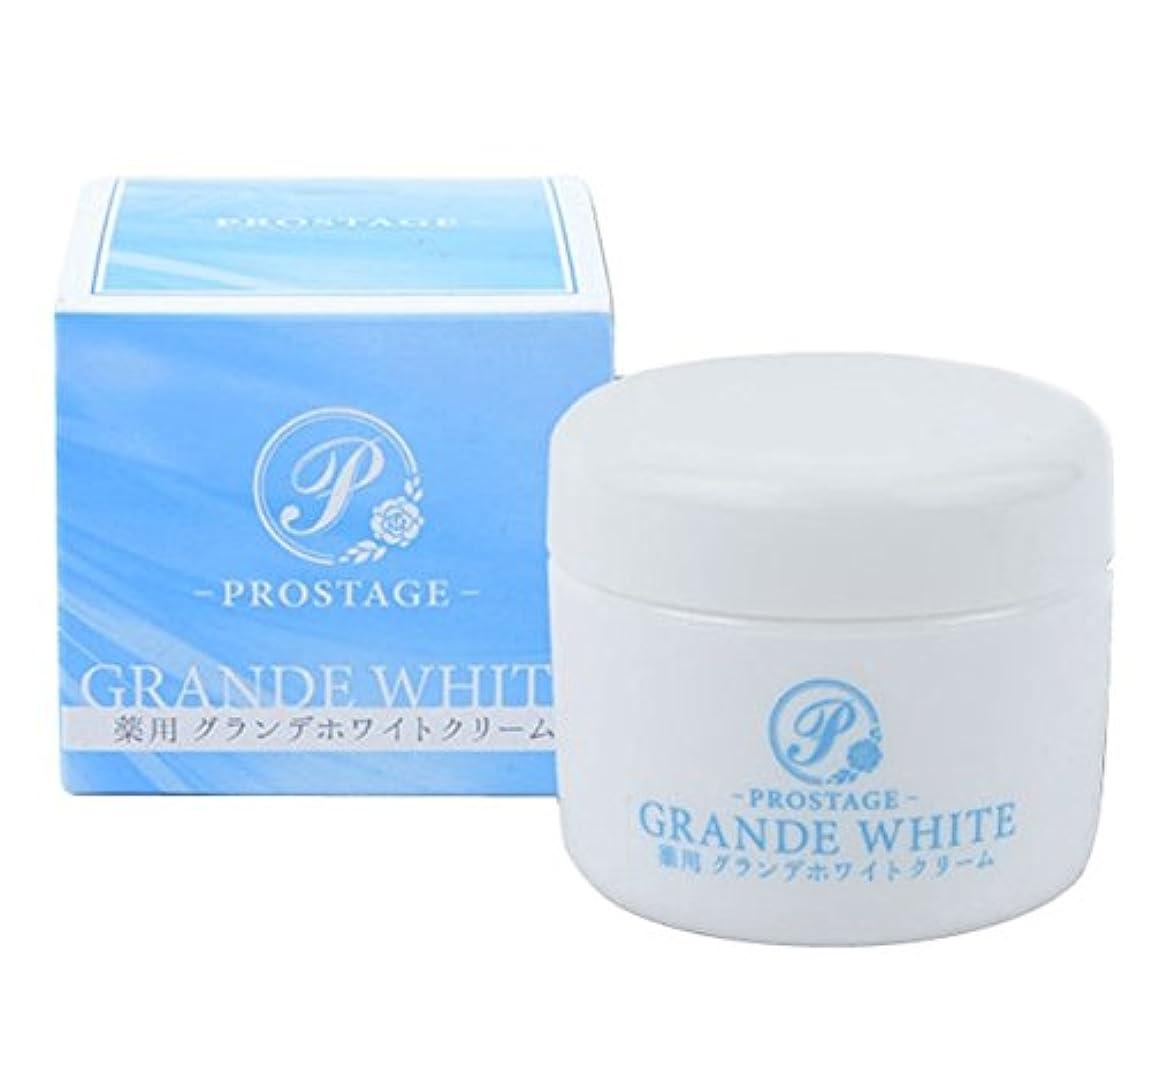 包帯キャメル剪断薬用グランデホワイトクリーム PROSTAGE ホワイトニングクリーム 大容量80g (2個)